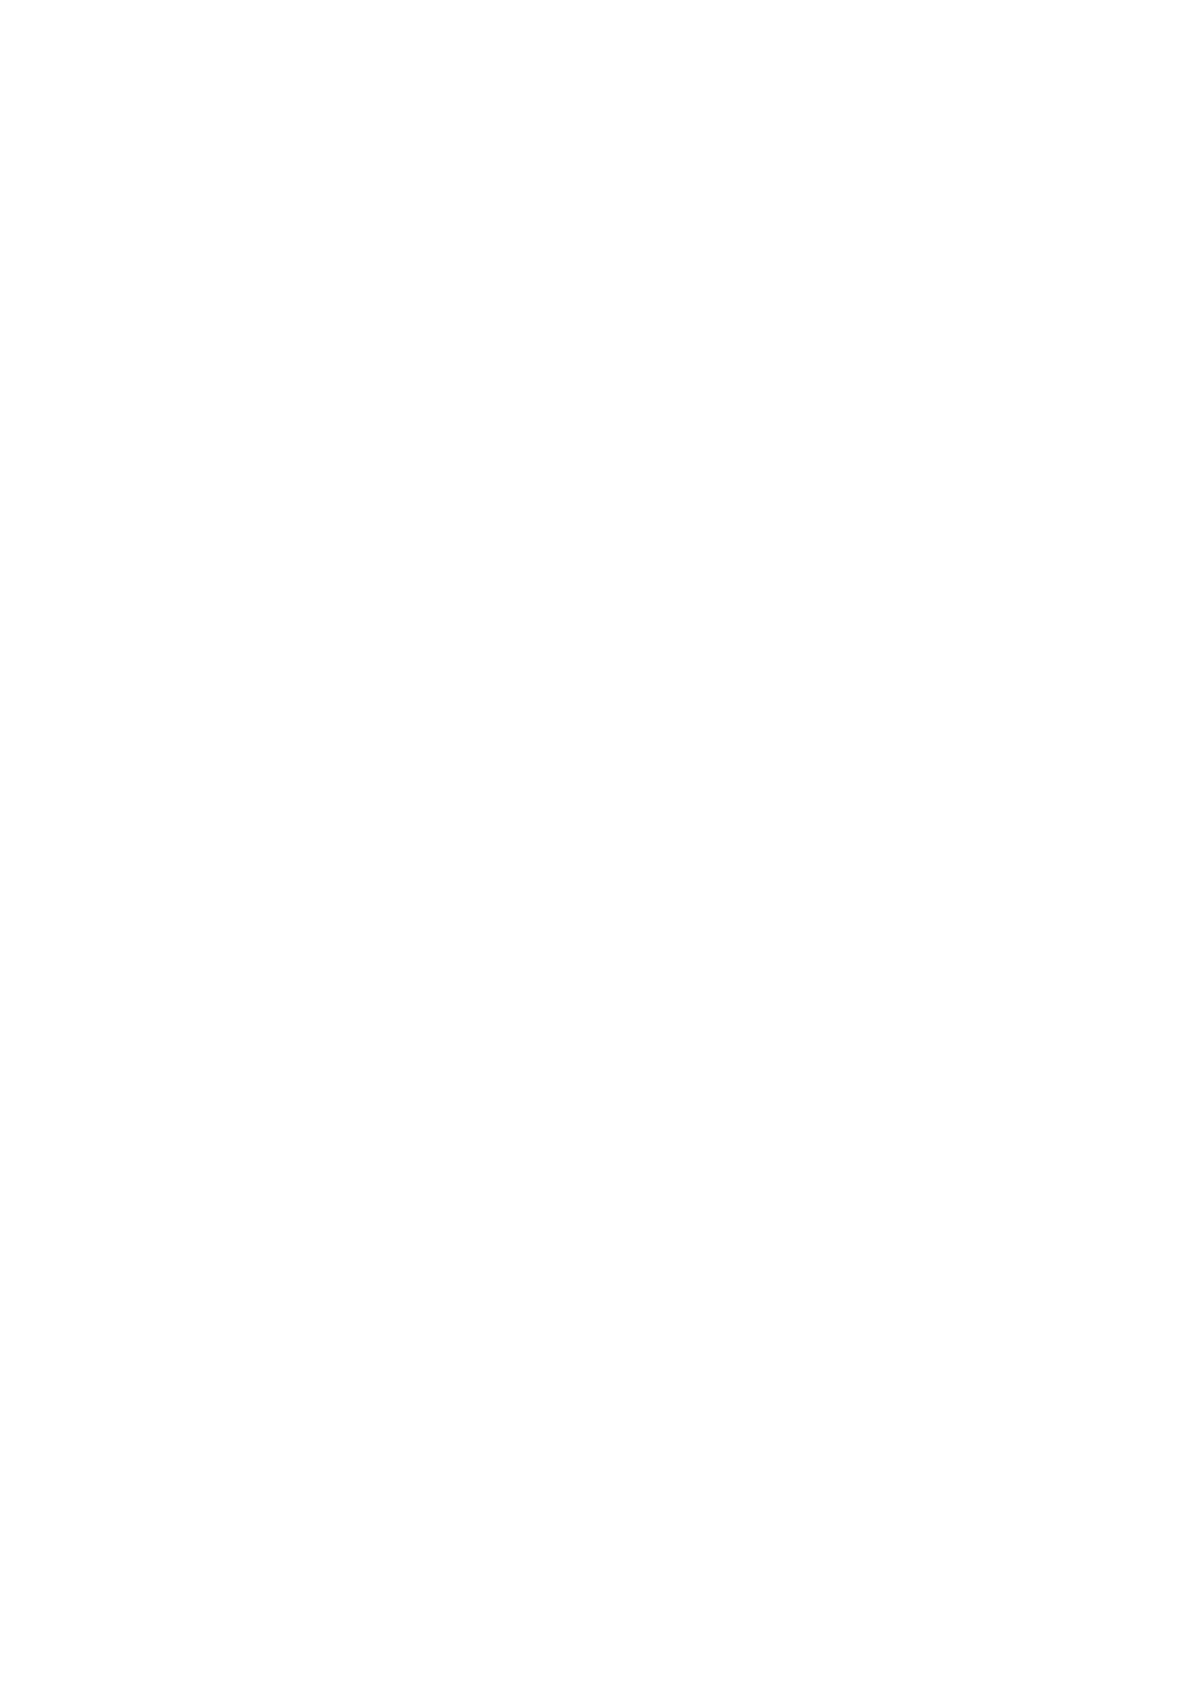 Kodane Full Install! - Progeny Full Install! 1